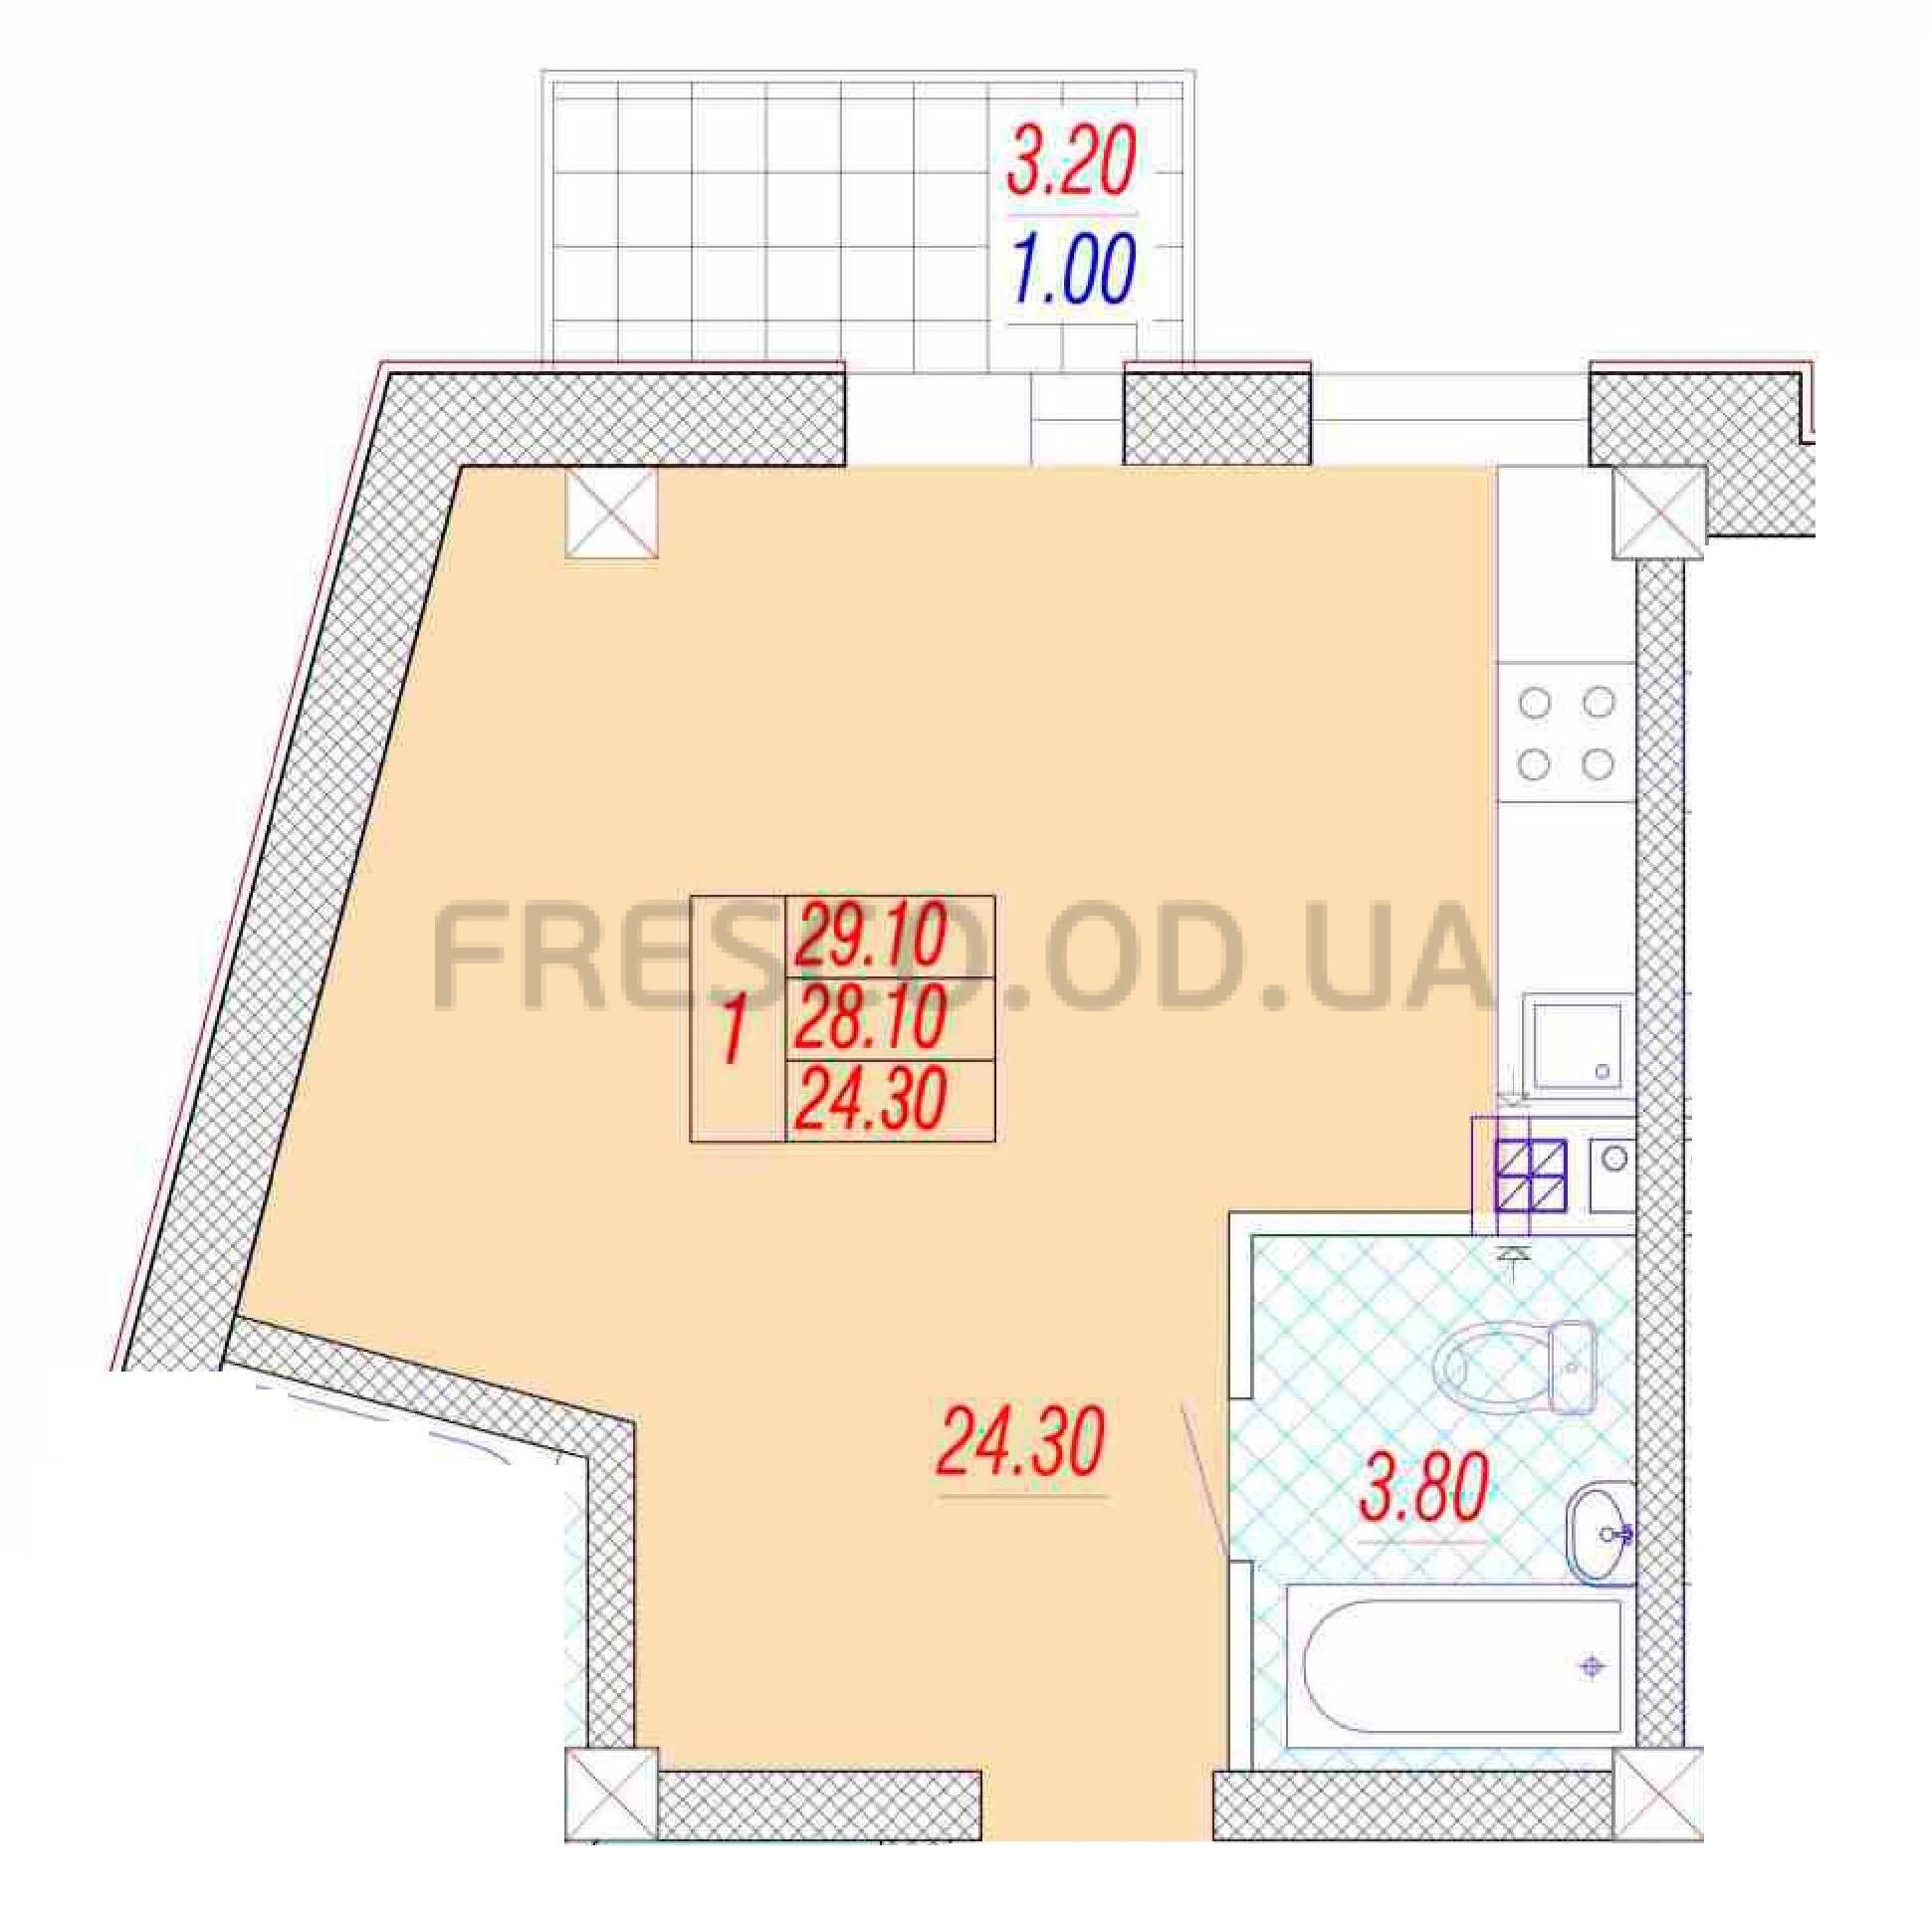 Однокомнатная - ЖК Дом на Приморской$25515Площадь:24,3m²